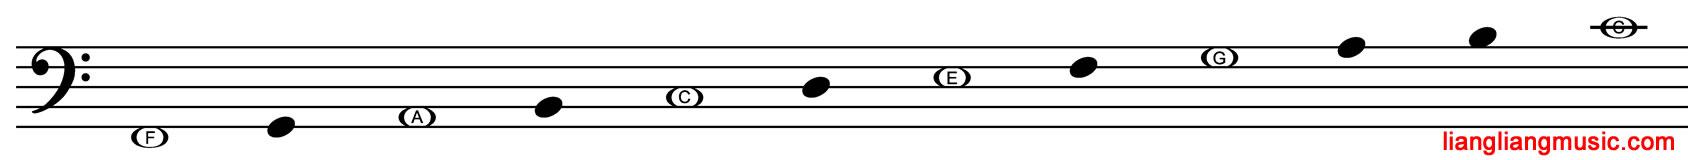 低音谱号通过FACE找其他音